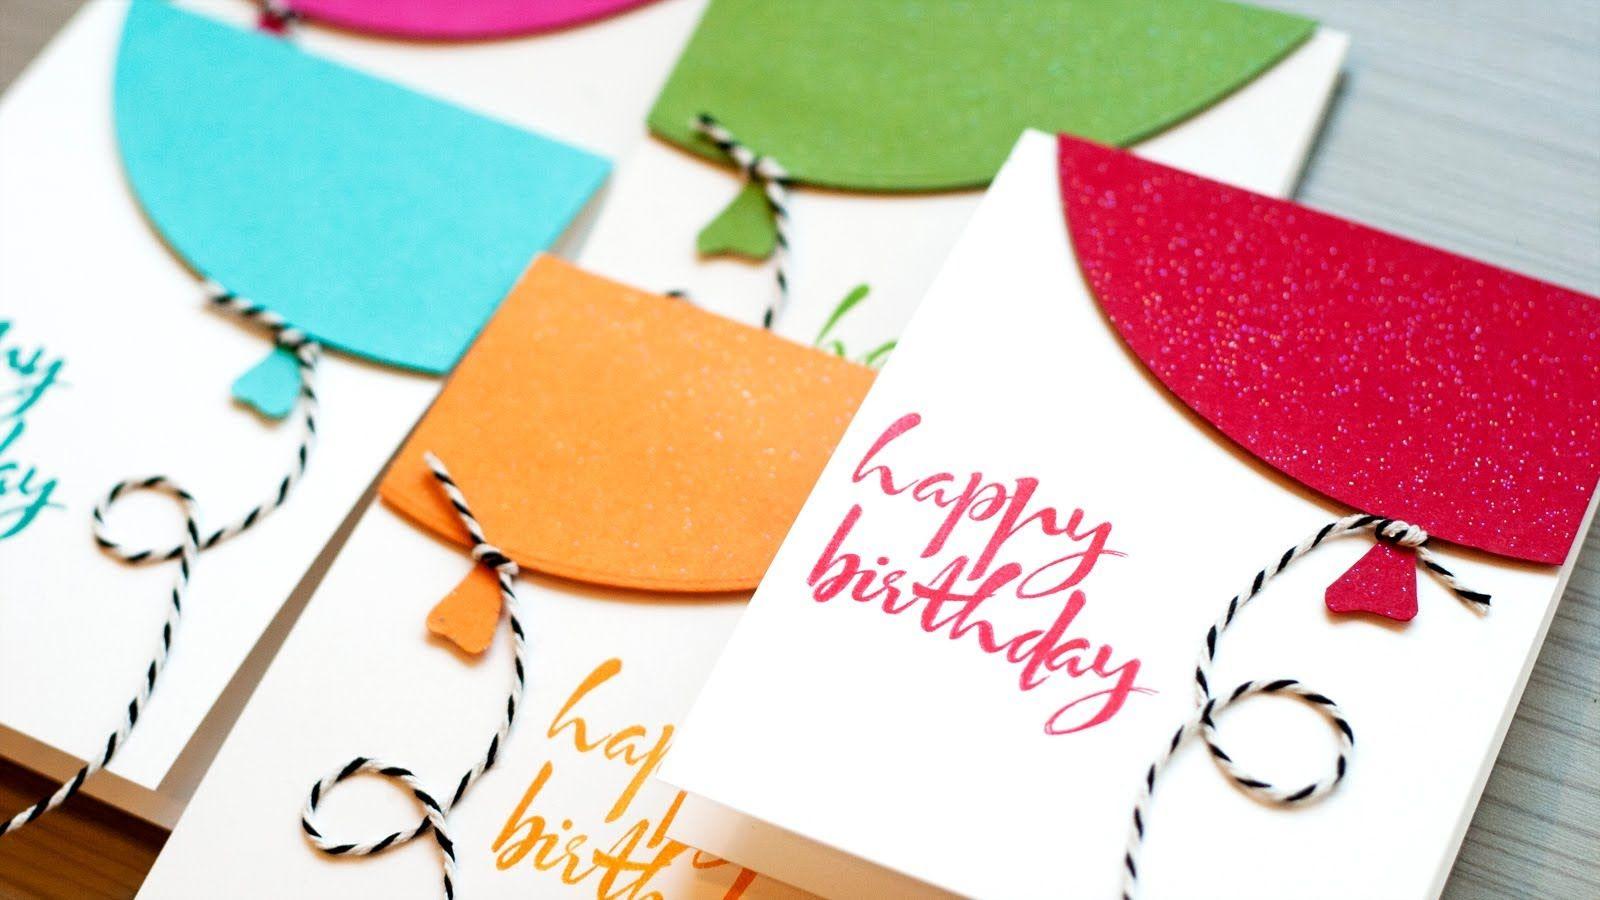 Как сделать маленькая открытка с днем рождения, для поздравления новым